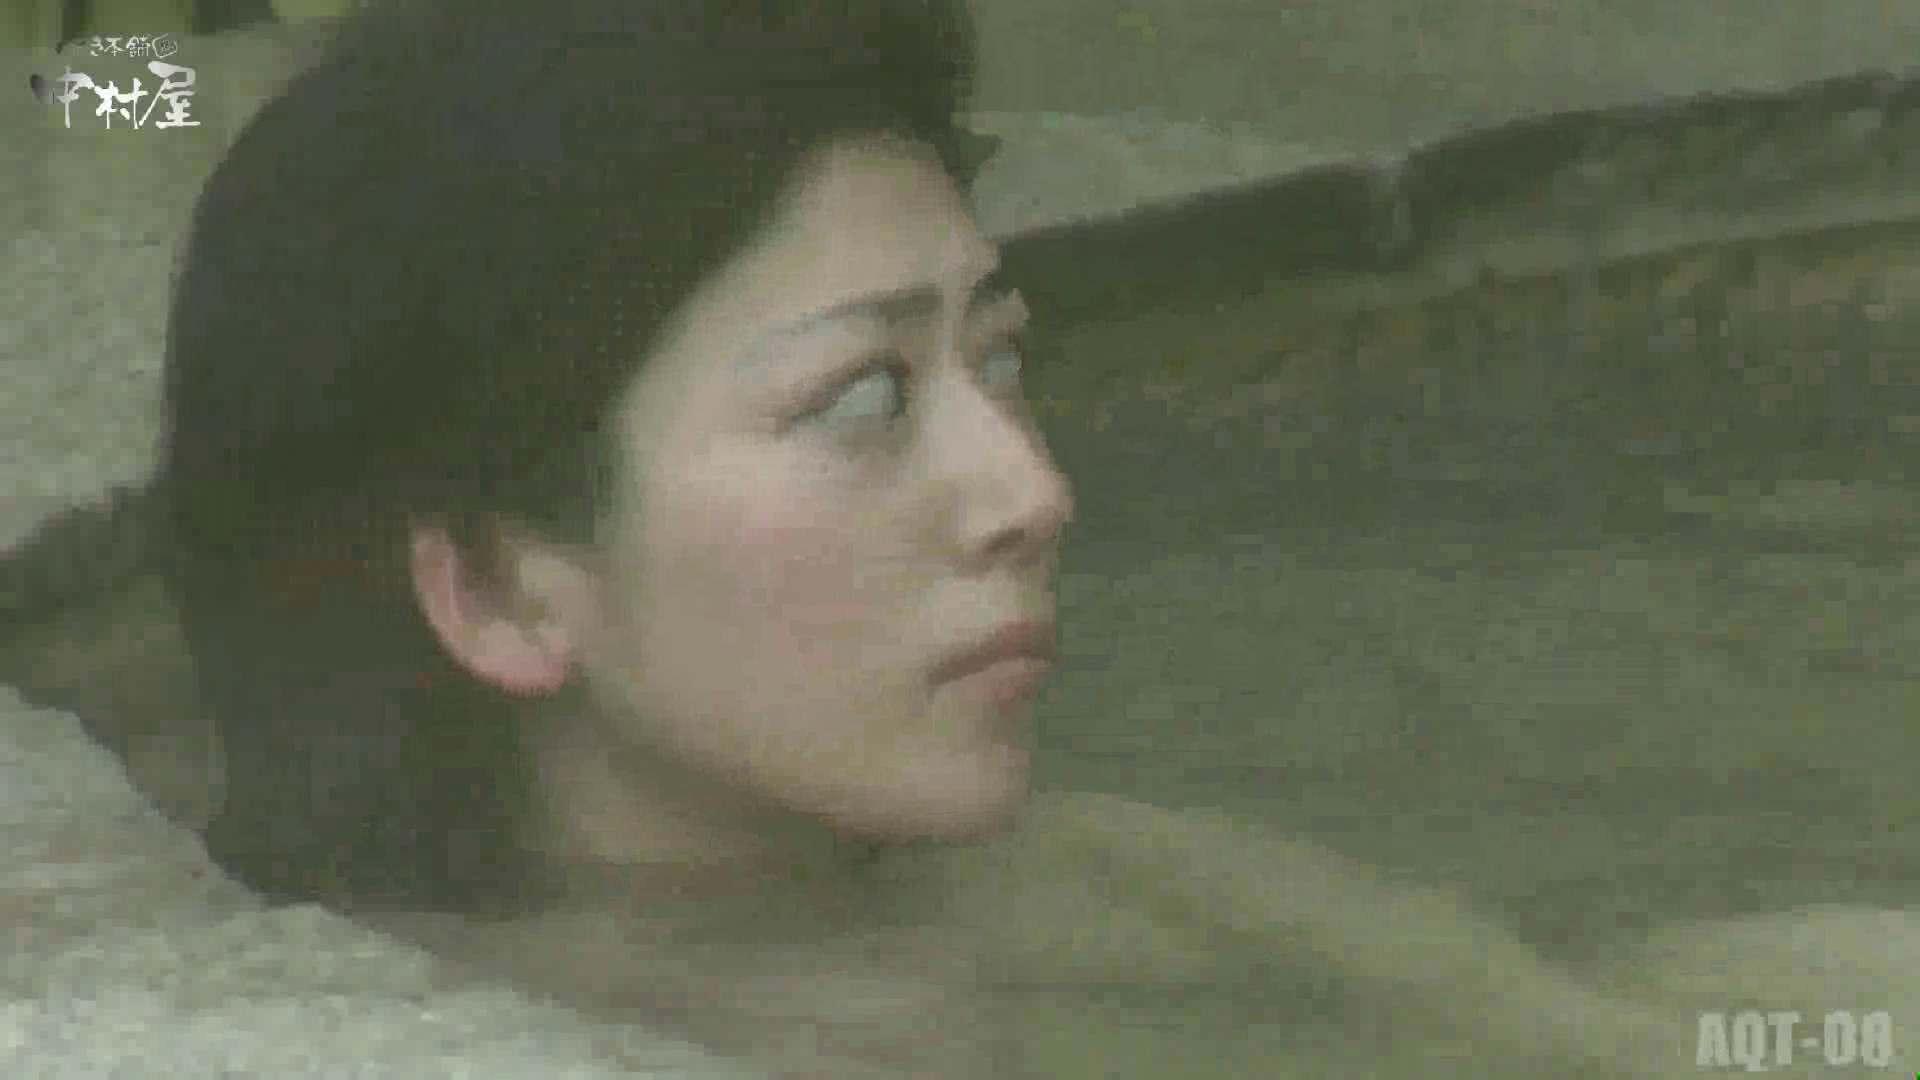 Aquaな露天風呂Vol.872潜入盗撮露天風呂八判湯 其の四 盗撮シリーズ  79PIX 42